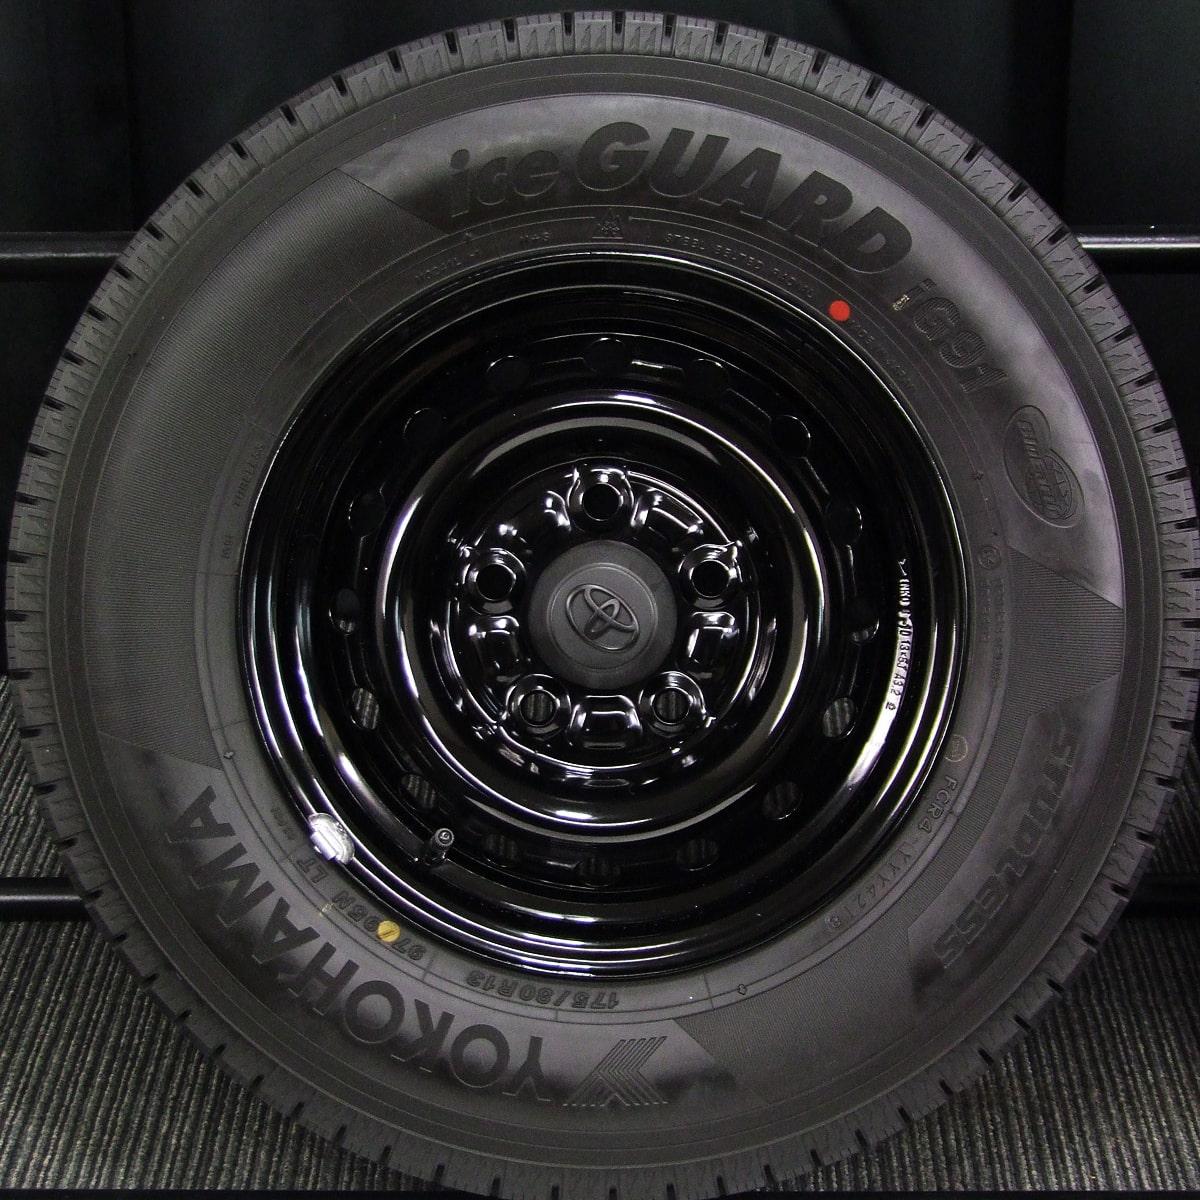 TOYOTA タウンエーストラック・ライトエーストラック 純正 ブラックスチール YOKOHAMA iceGUARD iG91 175/80R13 97/95N LT 4本SET